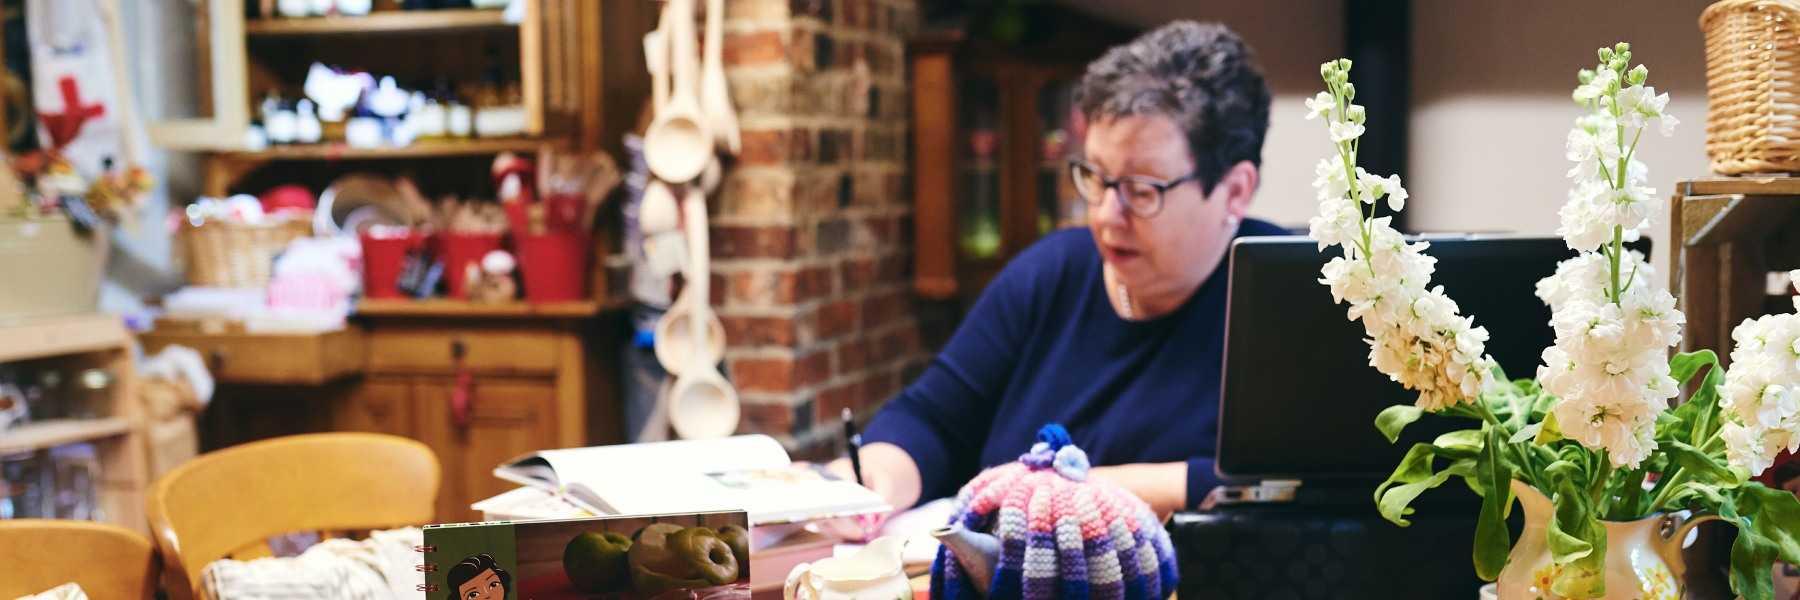 rosemary jameson jam preserve artisan teacher